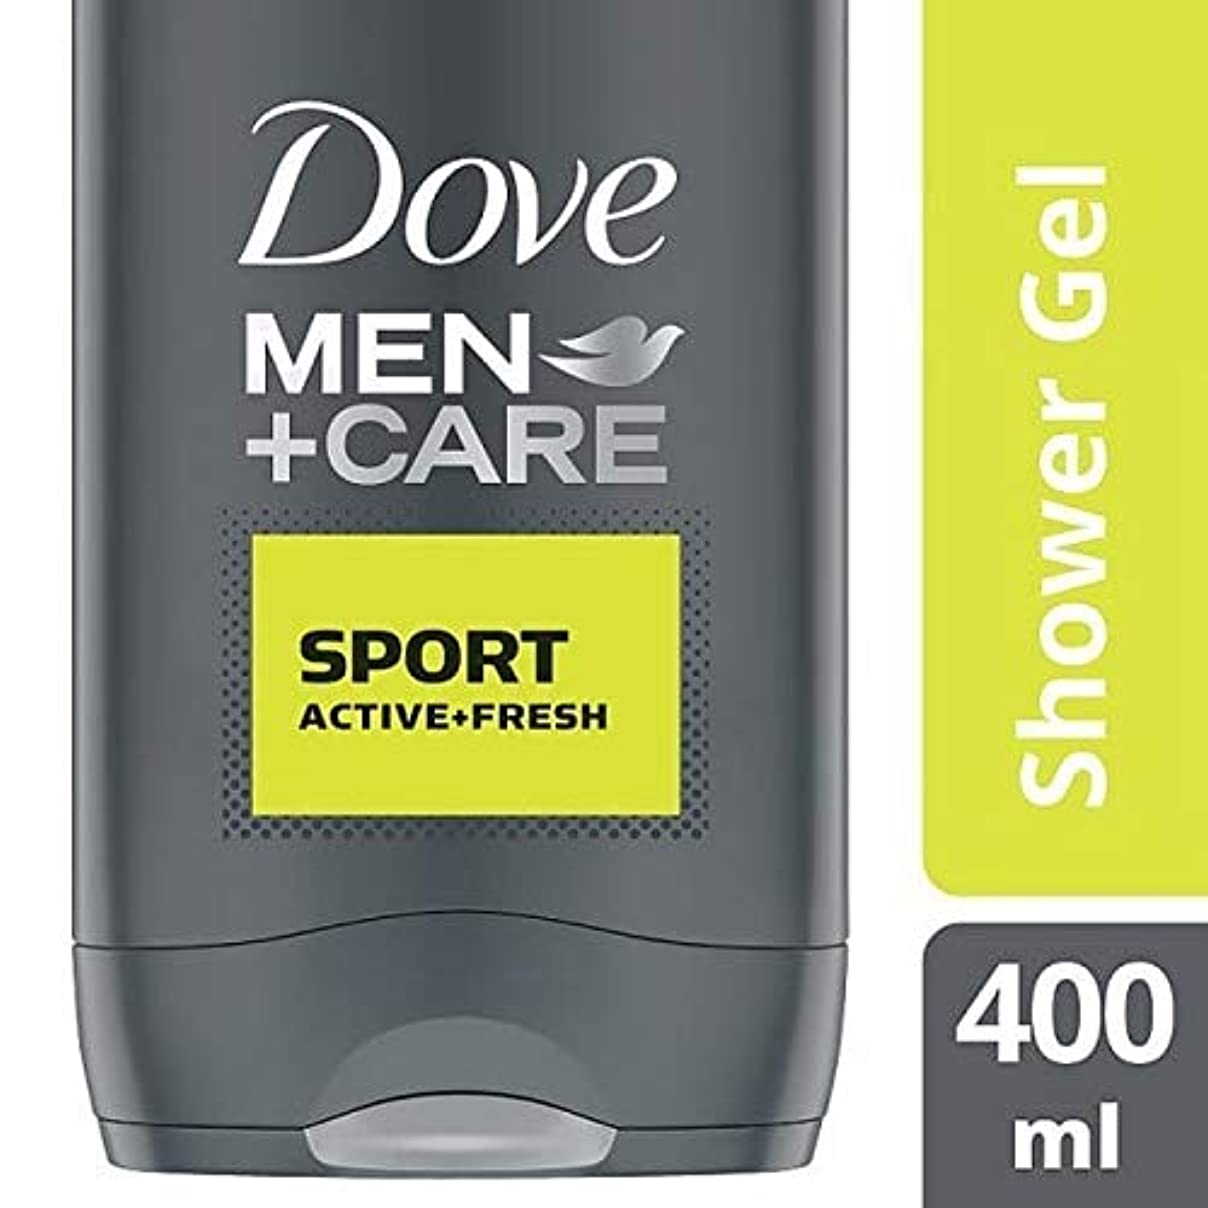 対抗ぐるぐる請負業者[Dove ] 鳩の男性+ケアスポーツアクティブ&フレッシュボディウォッシュ400ミリリットル - Dove Men + Care Sport Active & Fresh Bodywash 400ml [並行輸入品]